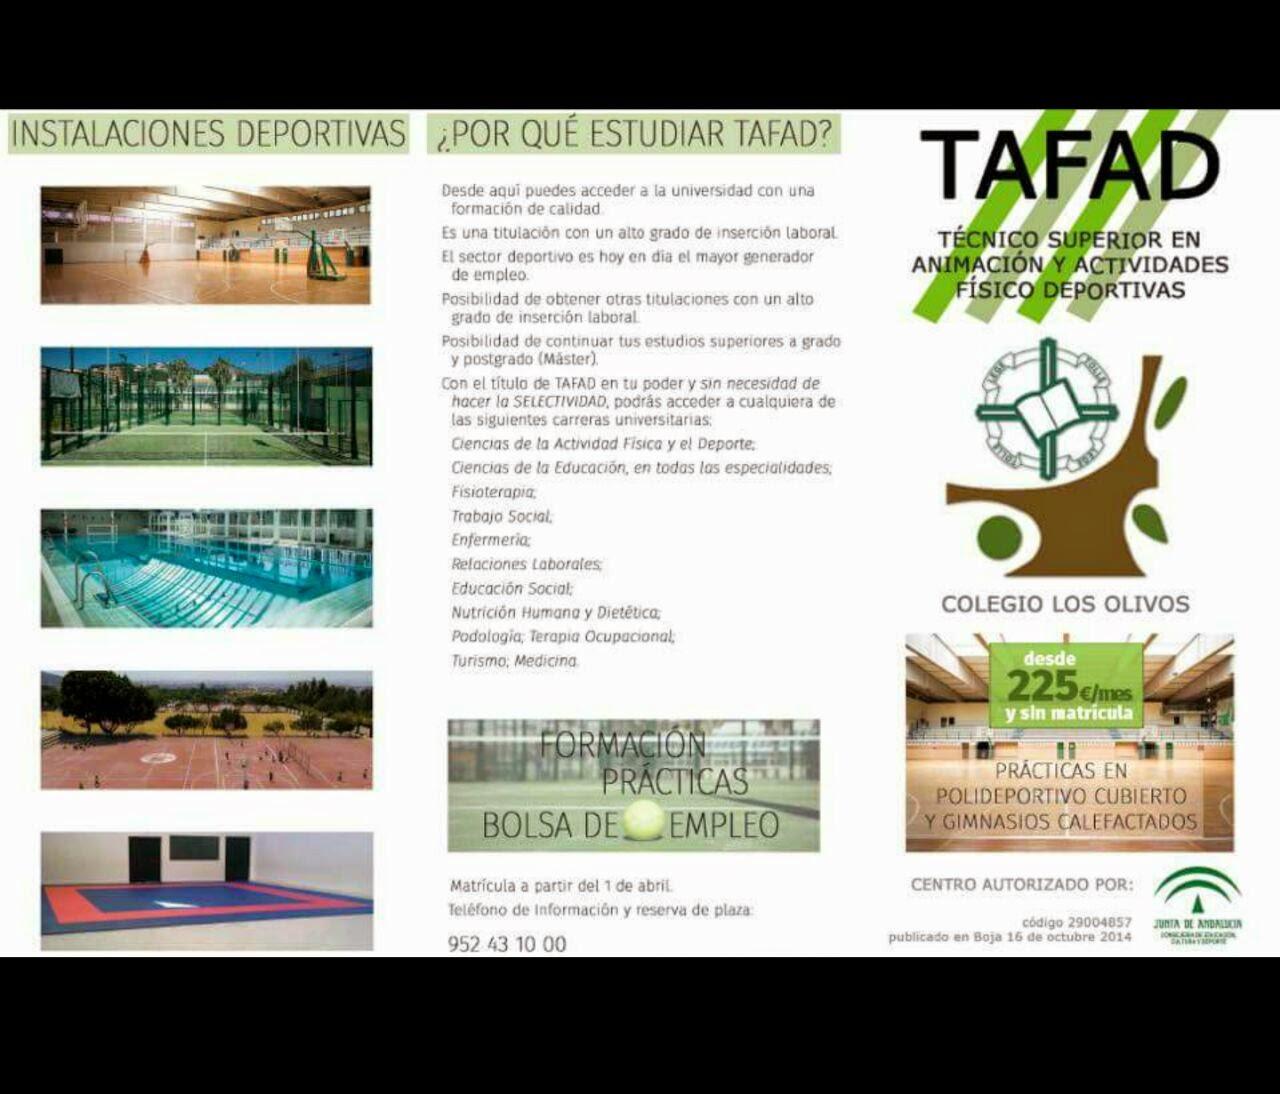 TAFAD